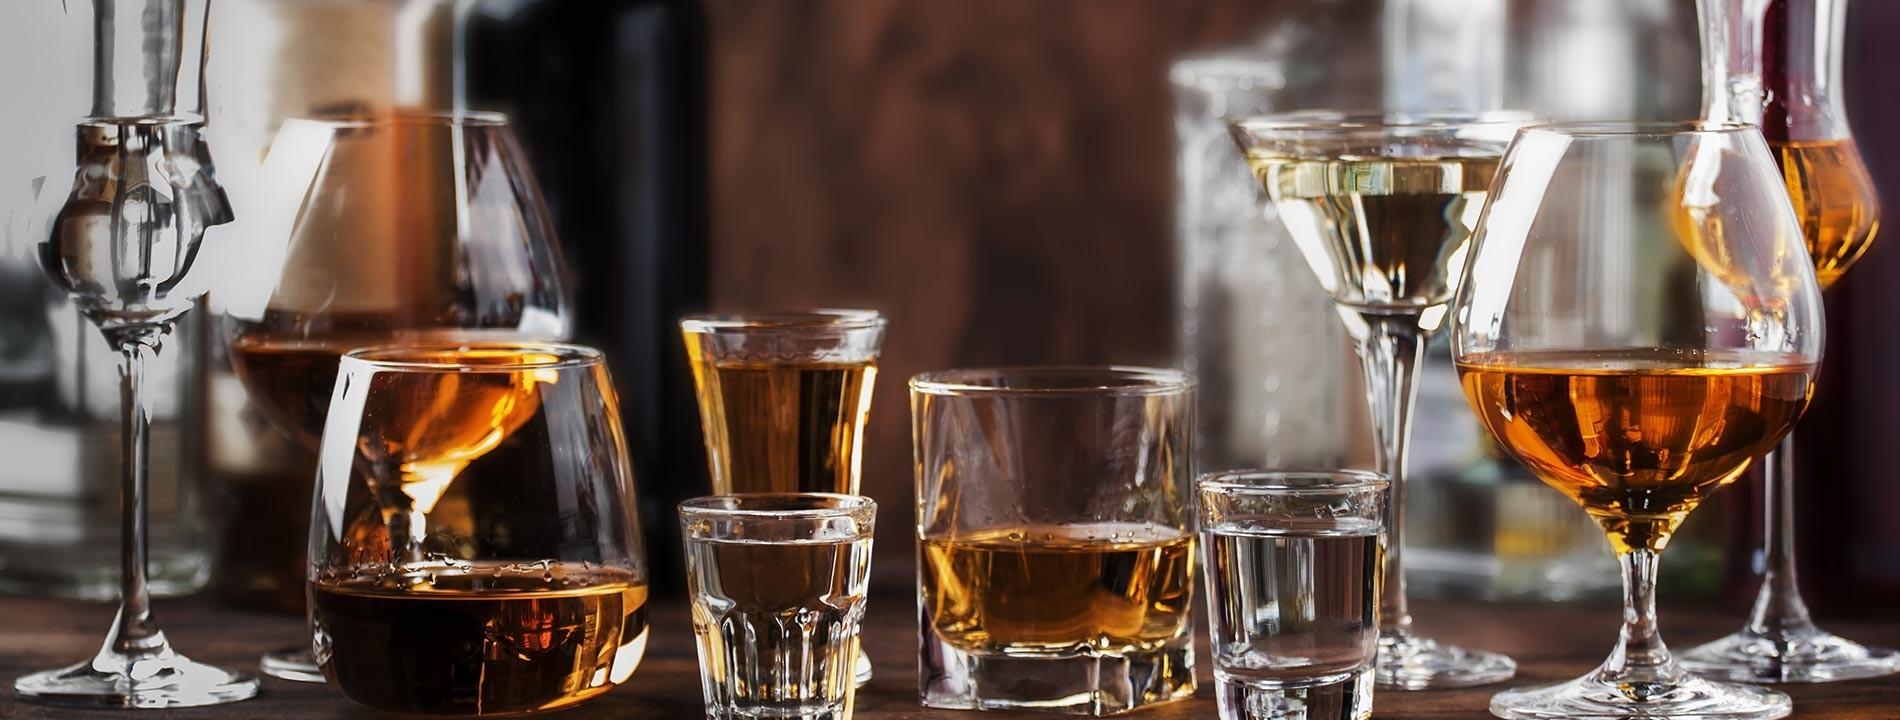 Distillati e liquori - Acquista online i migliori distillati e liquori